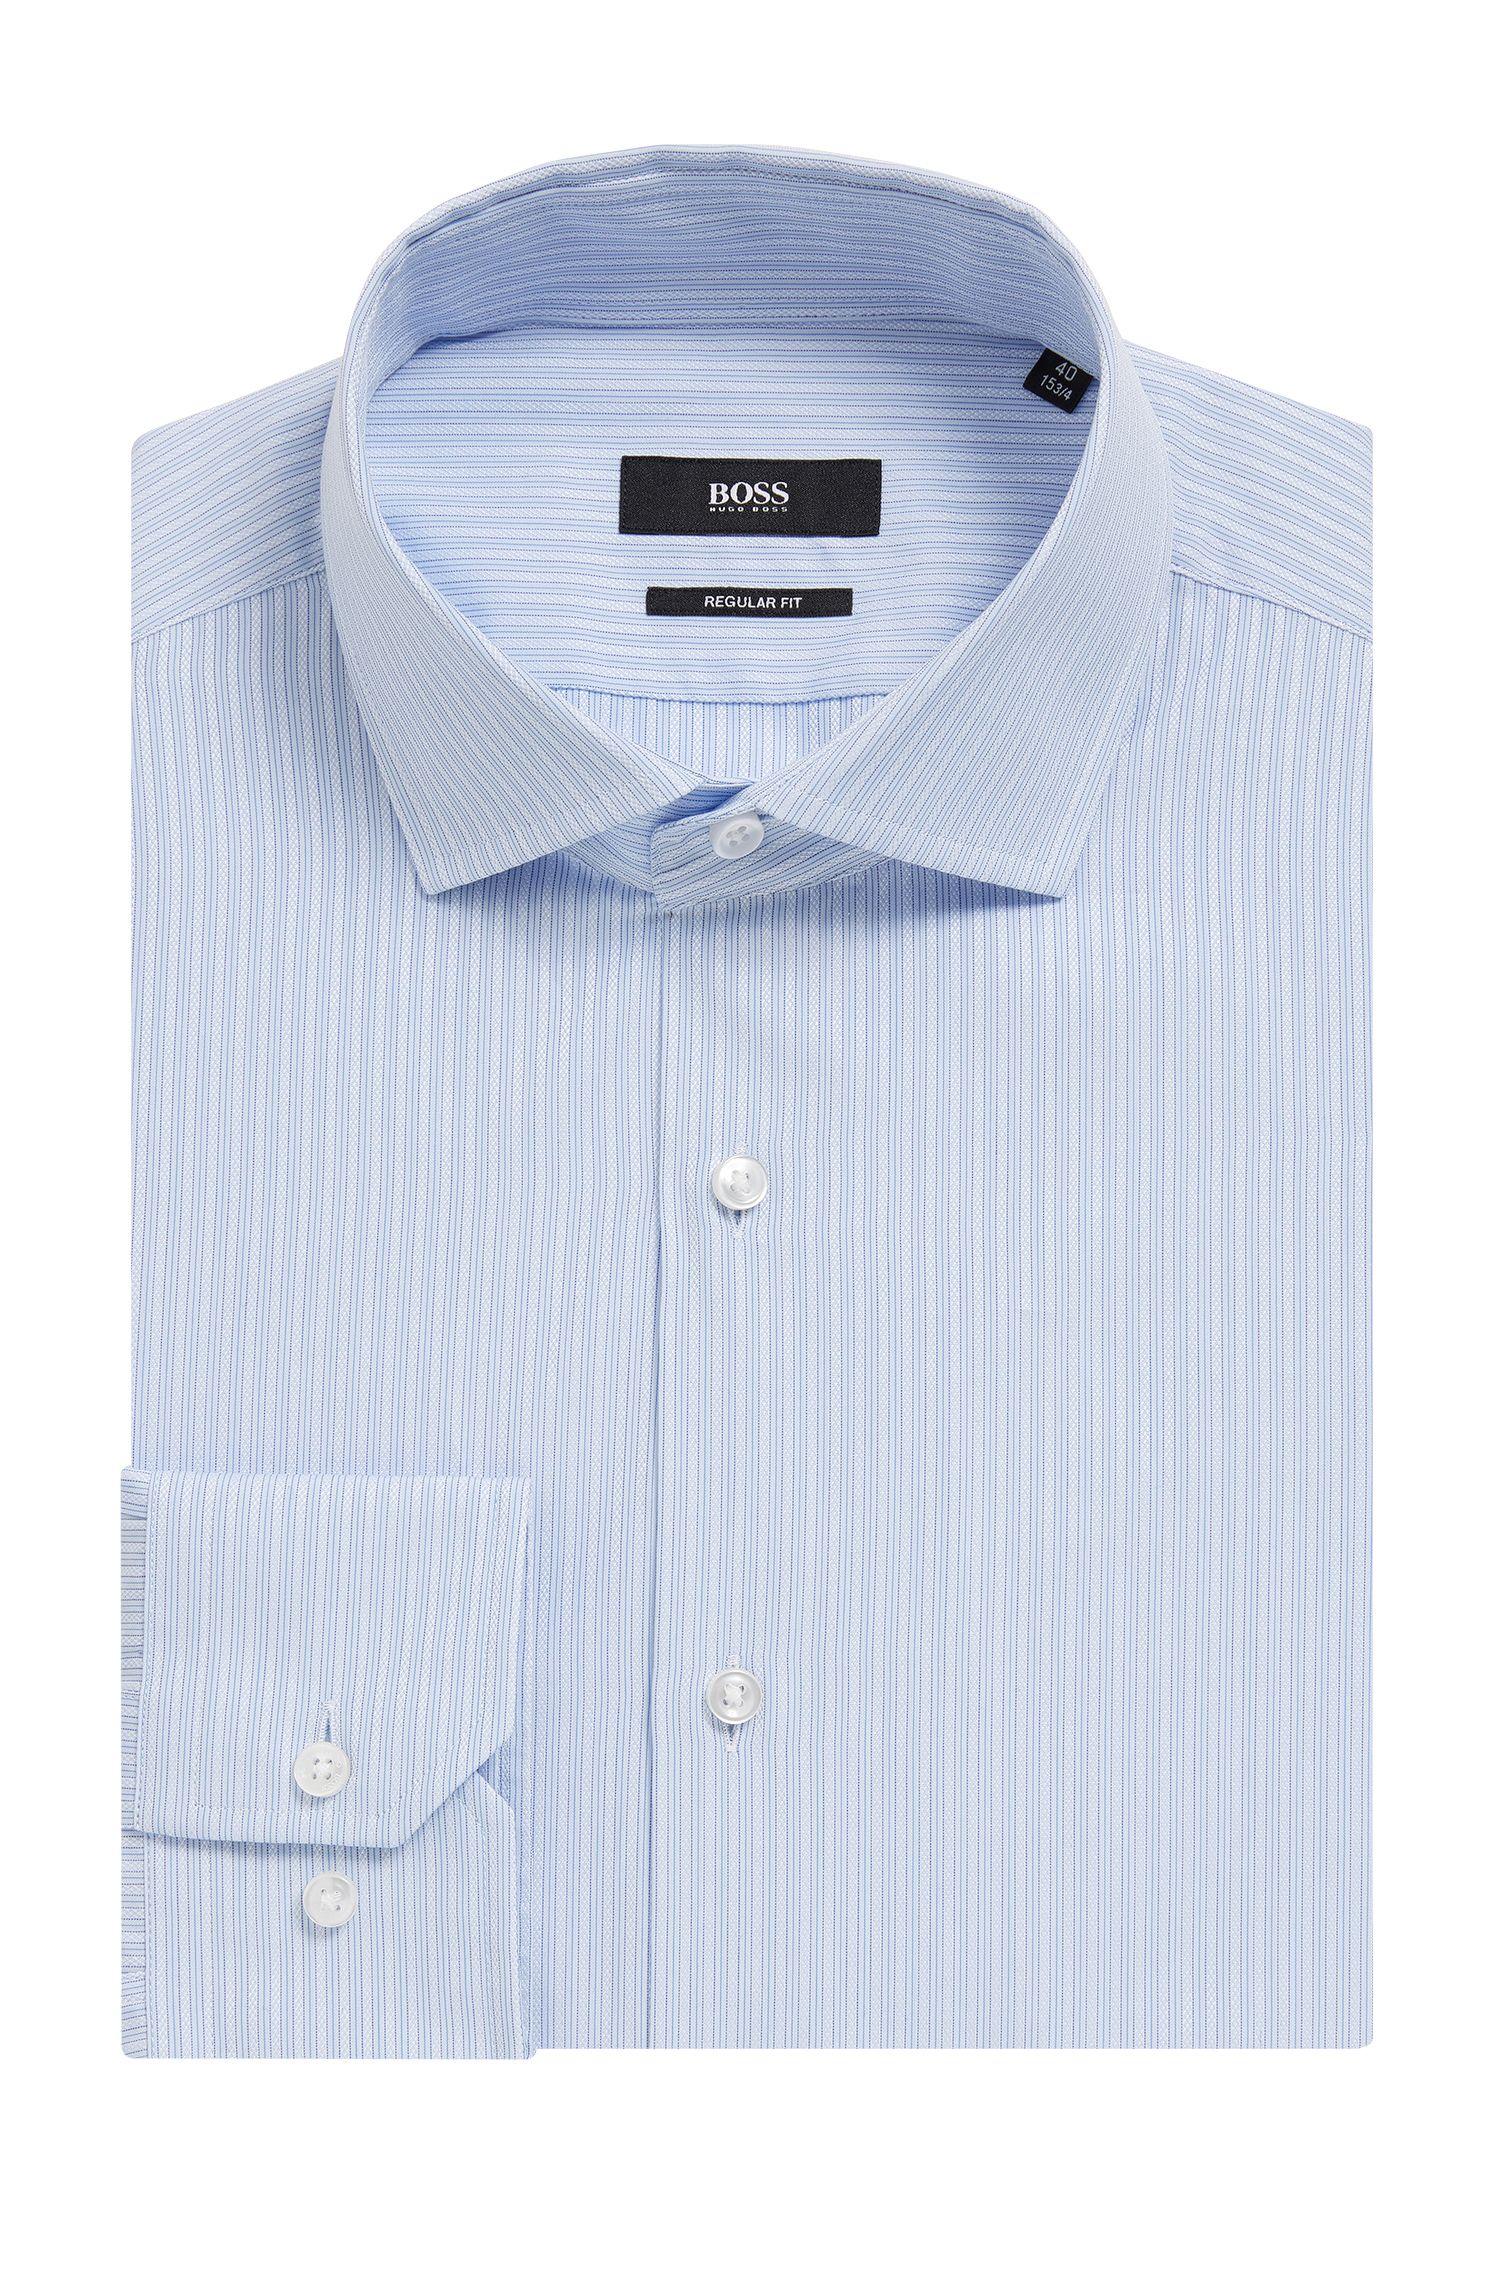 Striped Cotton Dress Shirt, Regular Fit | Gordon, Light Blue